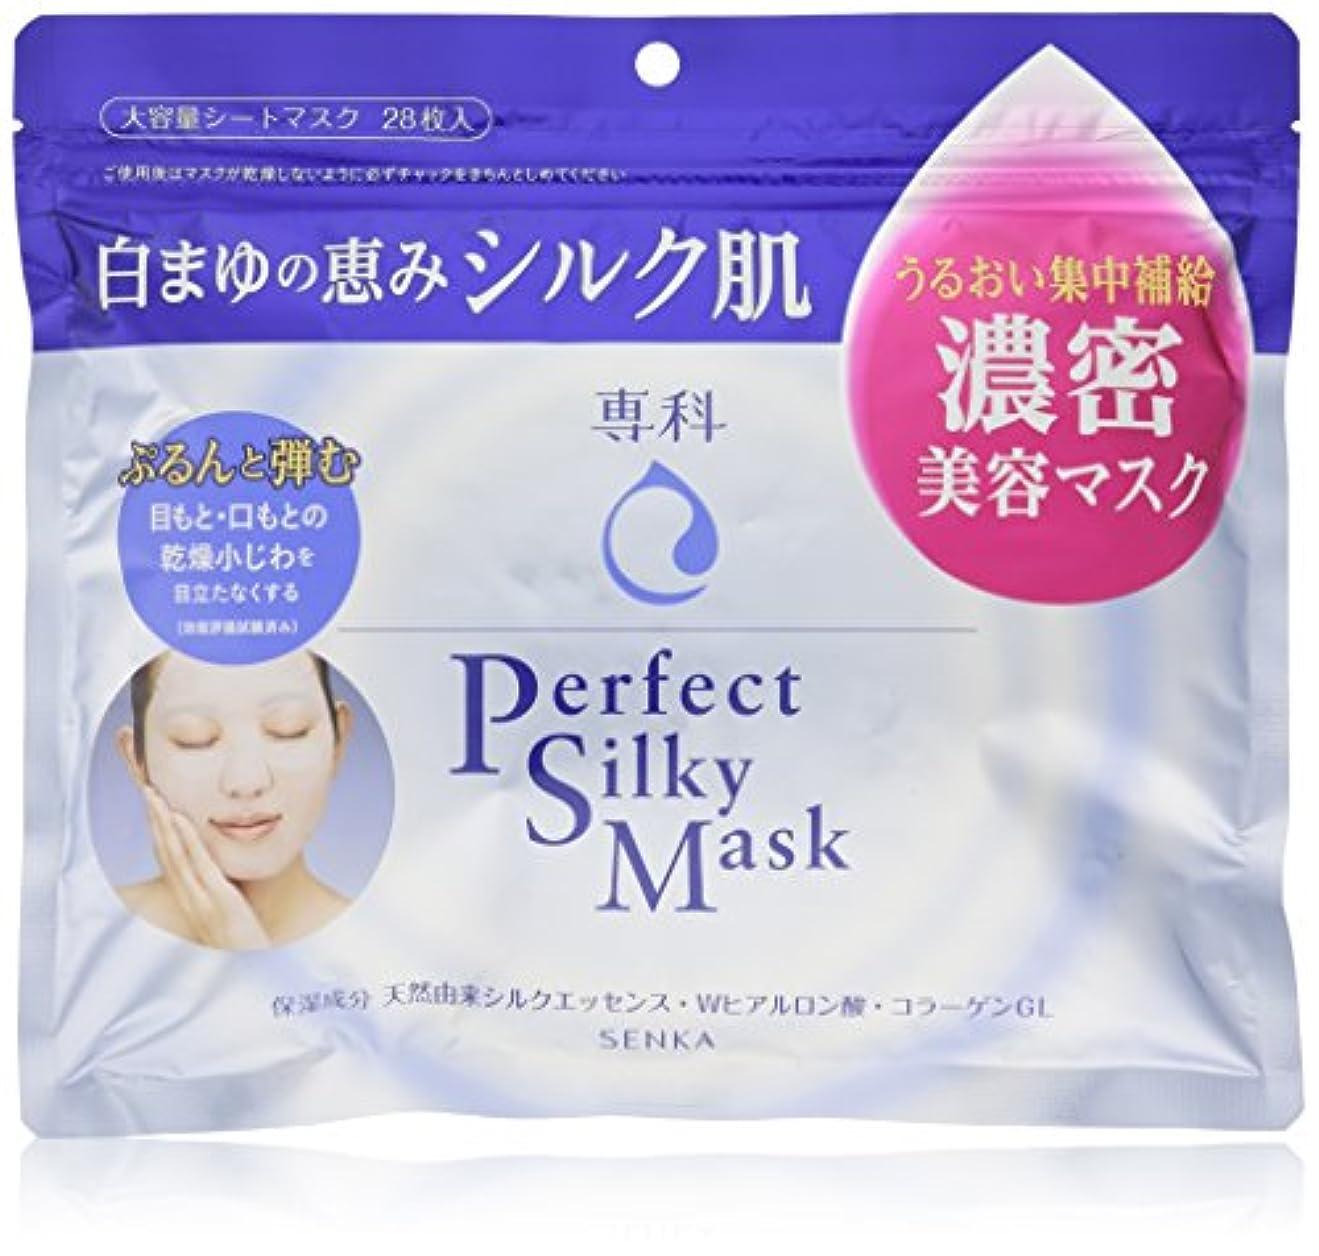 科学者スクラッチ治す専科 パーフェクトシルキーマスク シート状 美容マスク 28枚